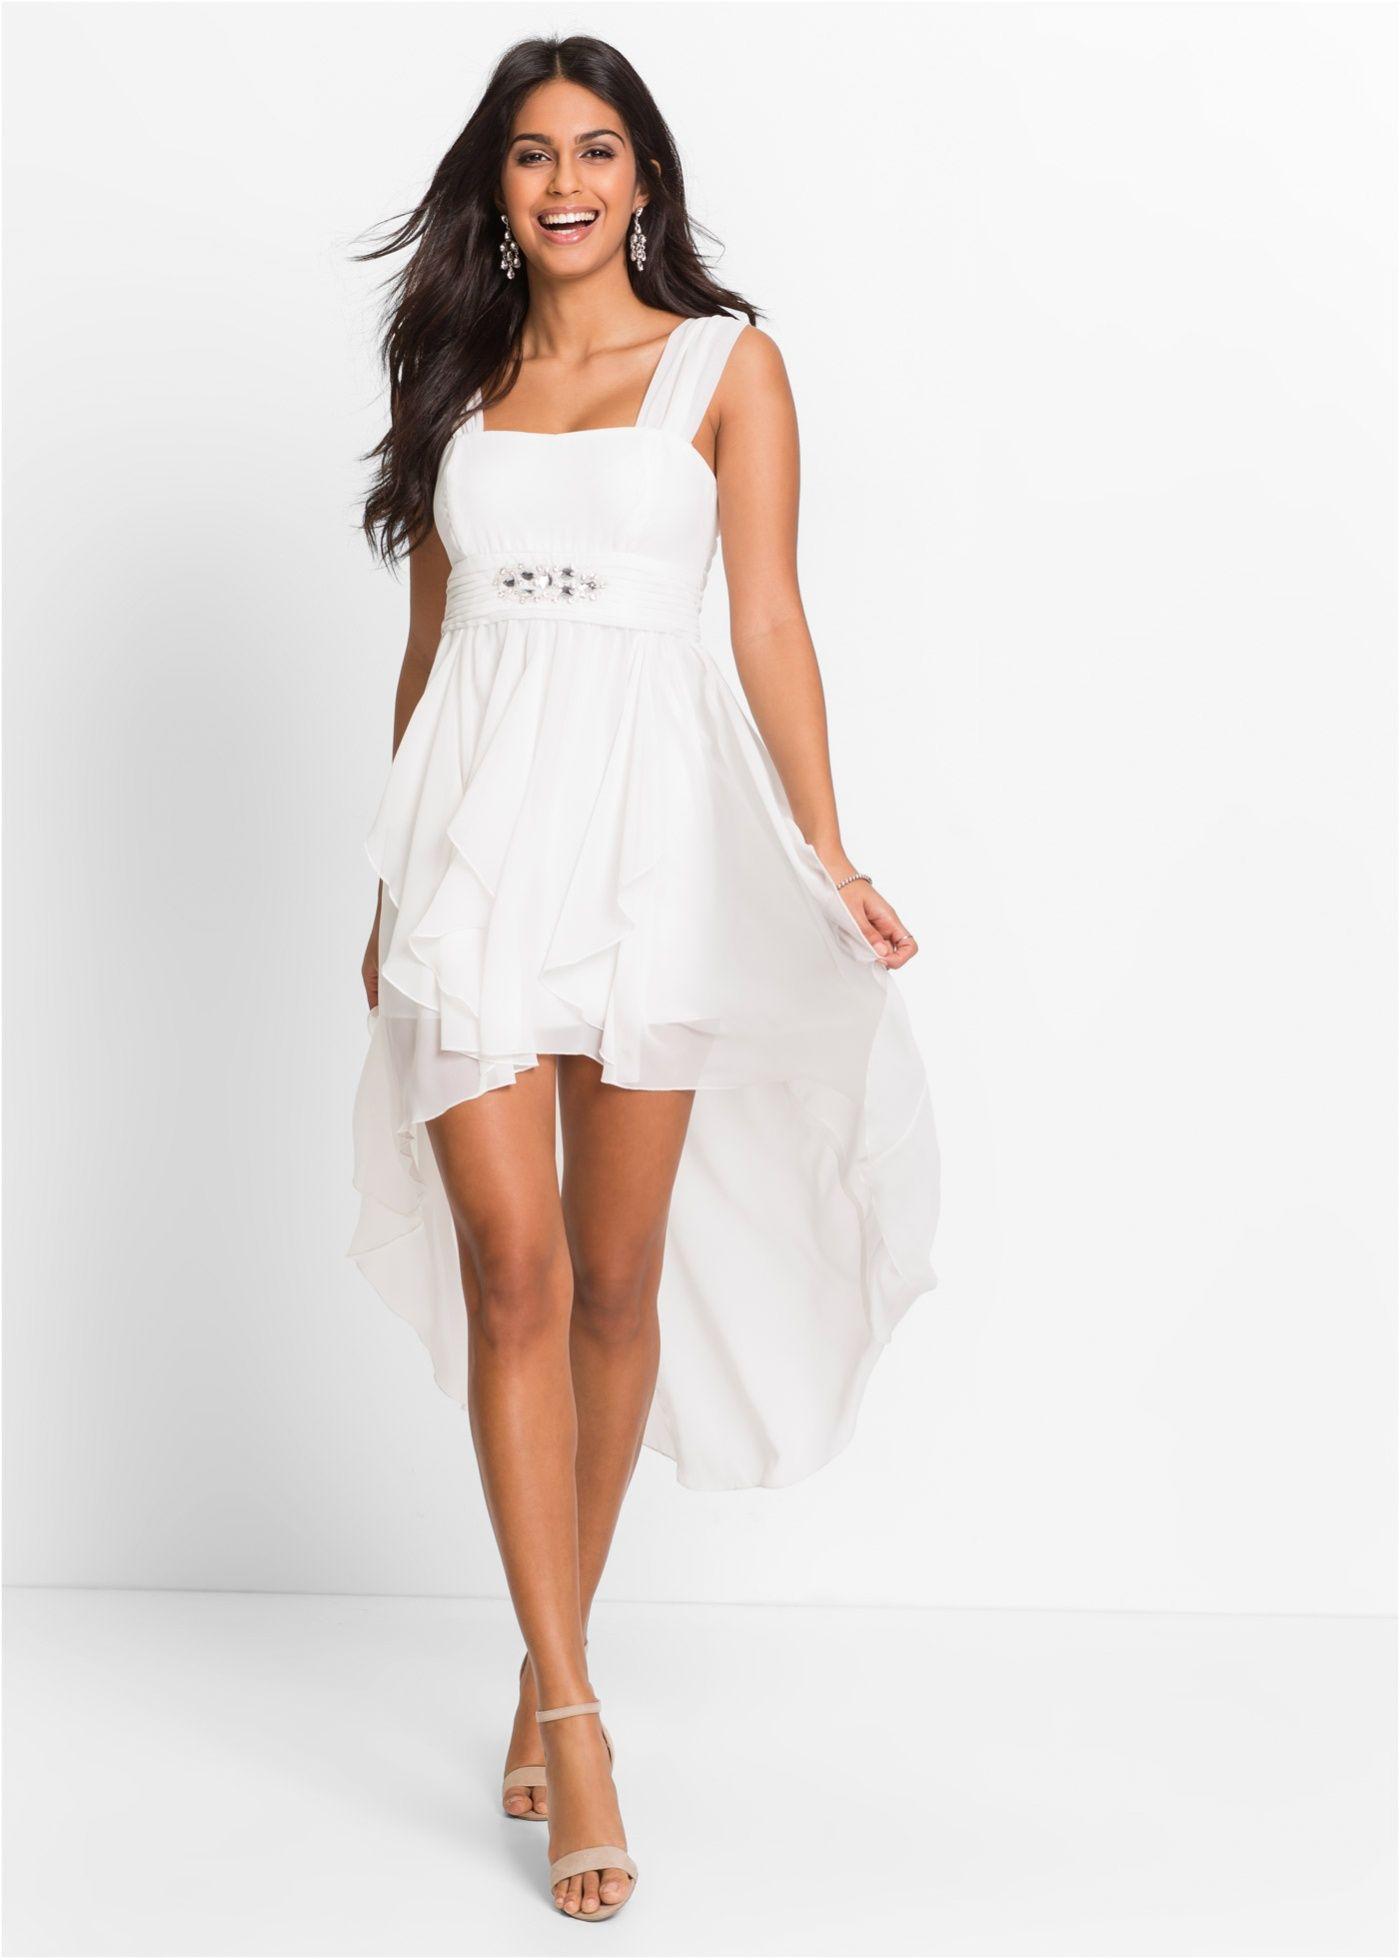 Kleid wollweiß - BODYFLIRT jetzt im Online Shop von bonprix.de ab